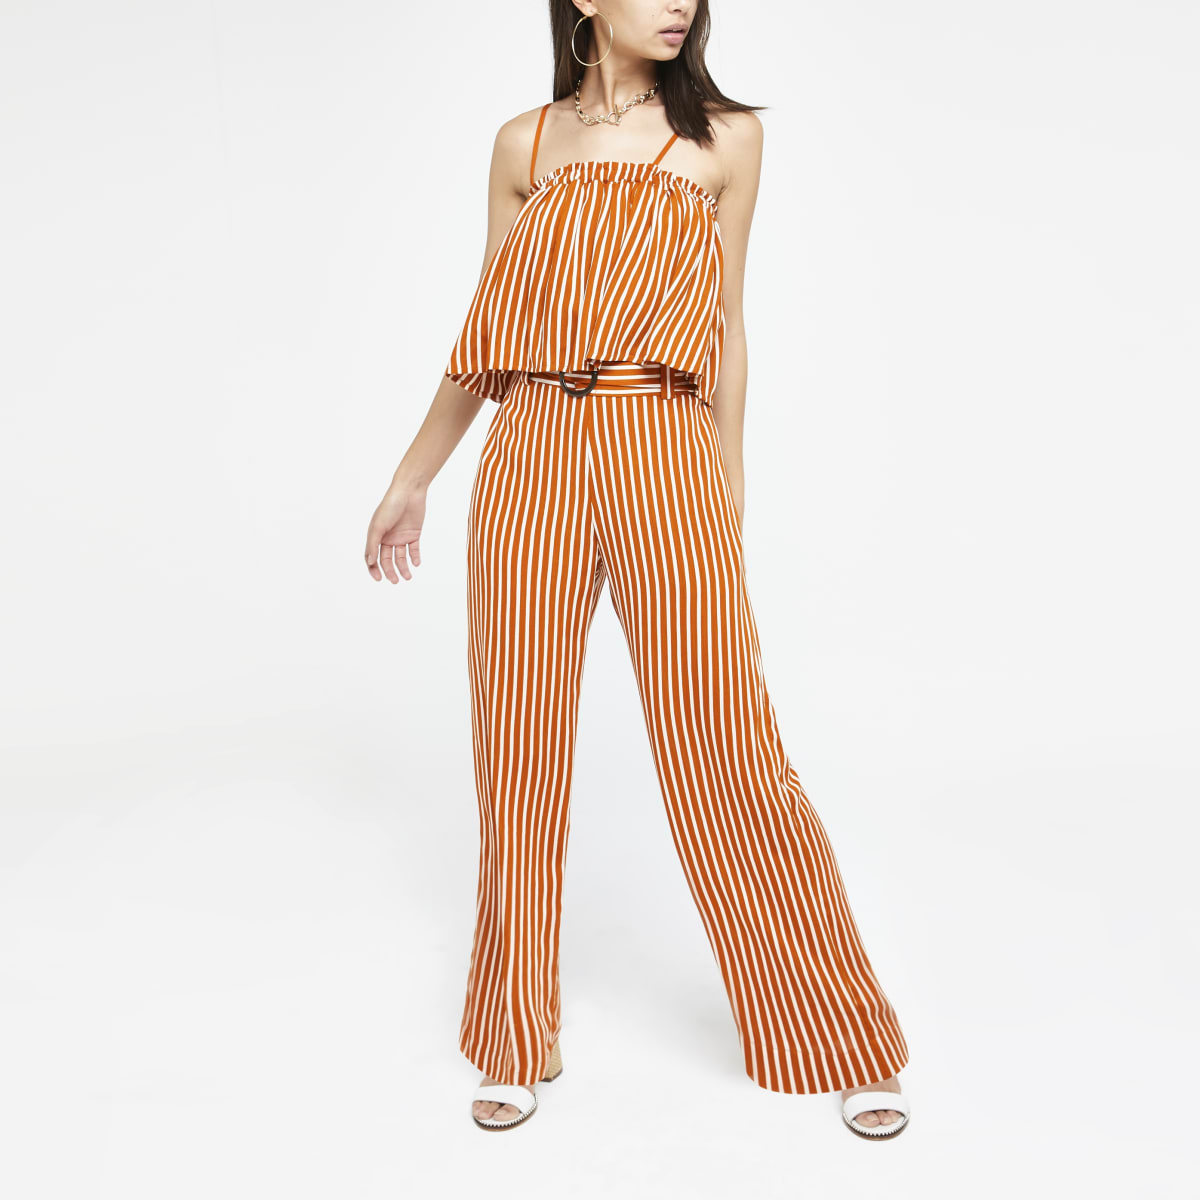 Oranje gestreepte broek met wijde pijpen en ceintuur.